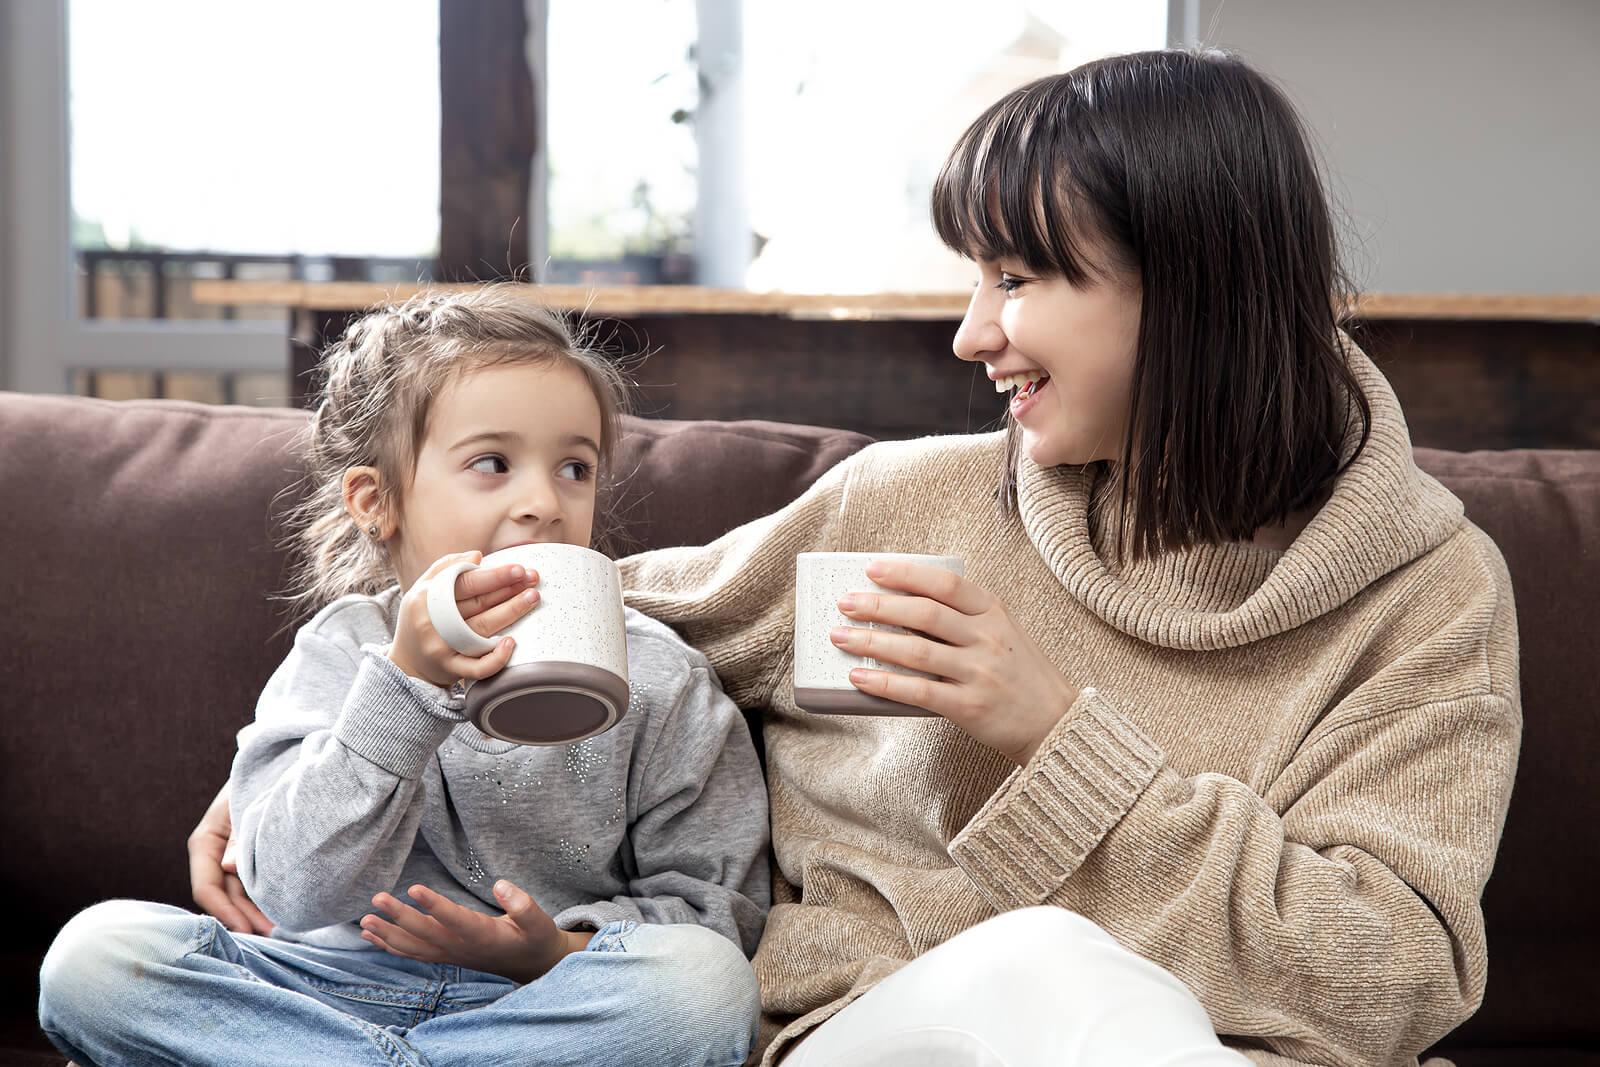 Madre hablando con su hija sobre cómo le ha ido el cole mientras beben chocolate.